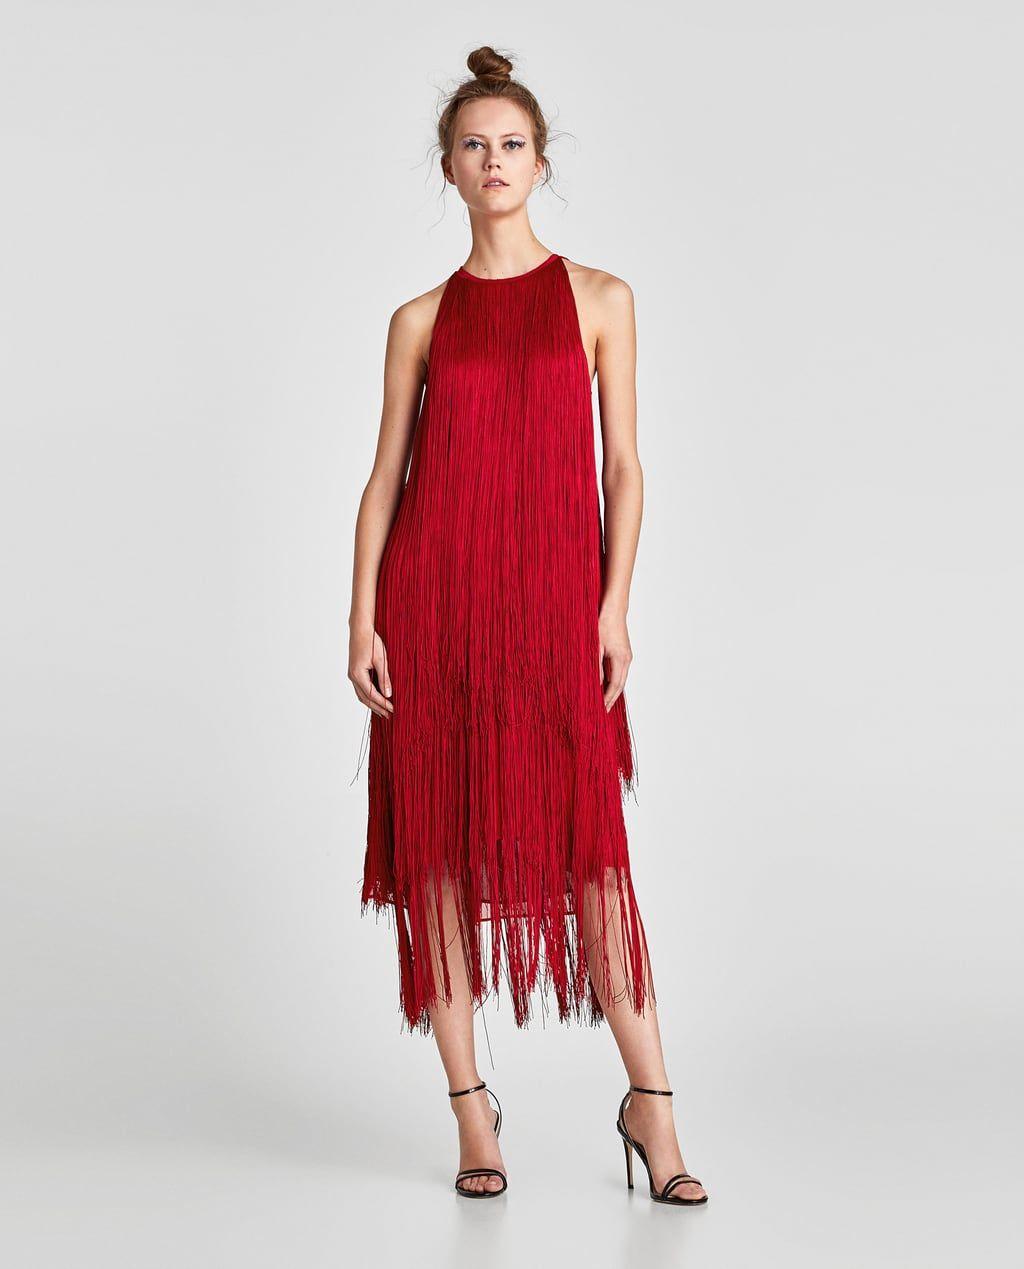 Kjole Dress Dresses Zara Lange Frynser Med Bilde Up 1 Fra Eq0E4F